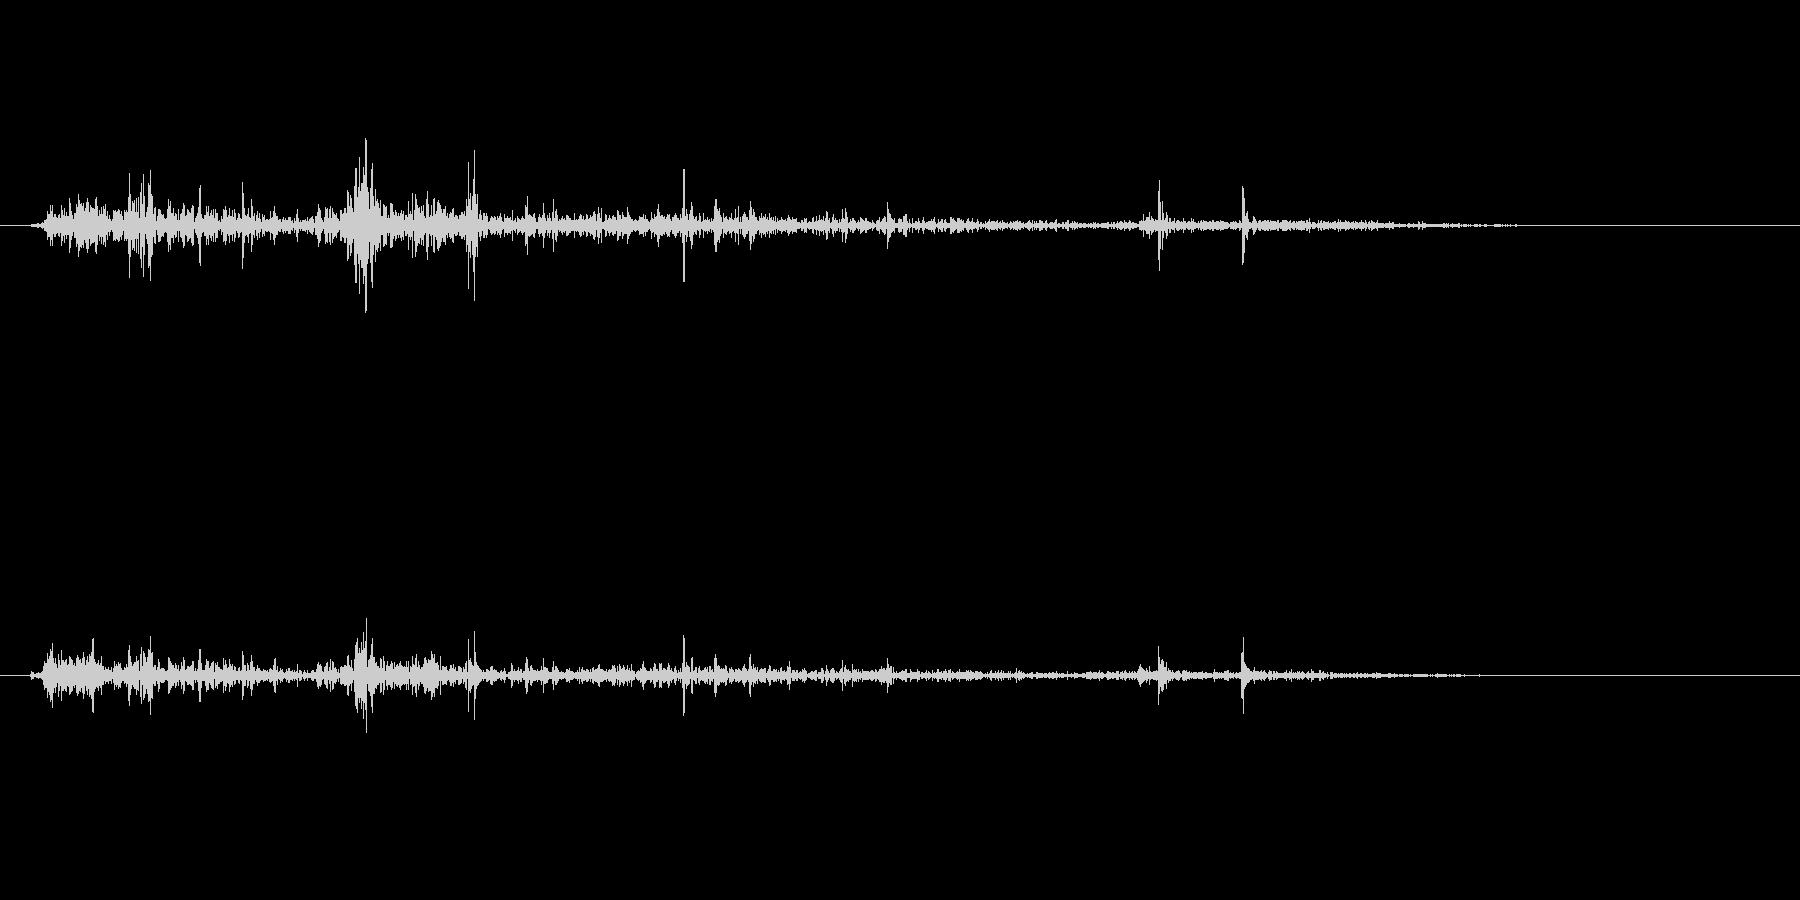 ゴリゴリゴリ(物音)の未再生の波形